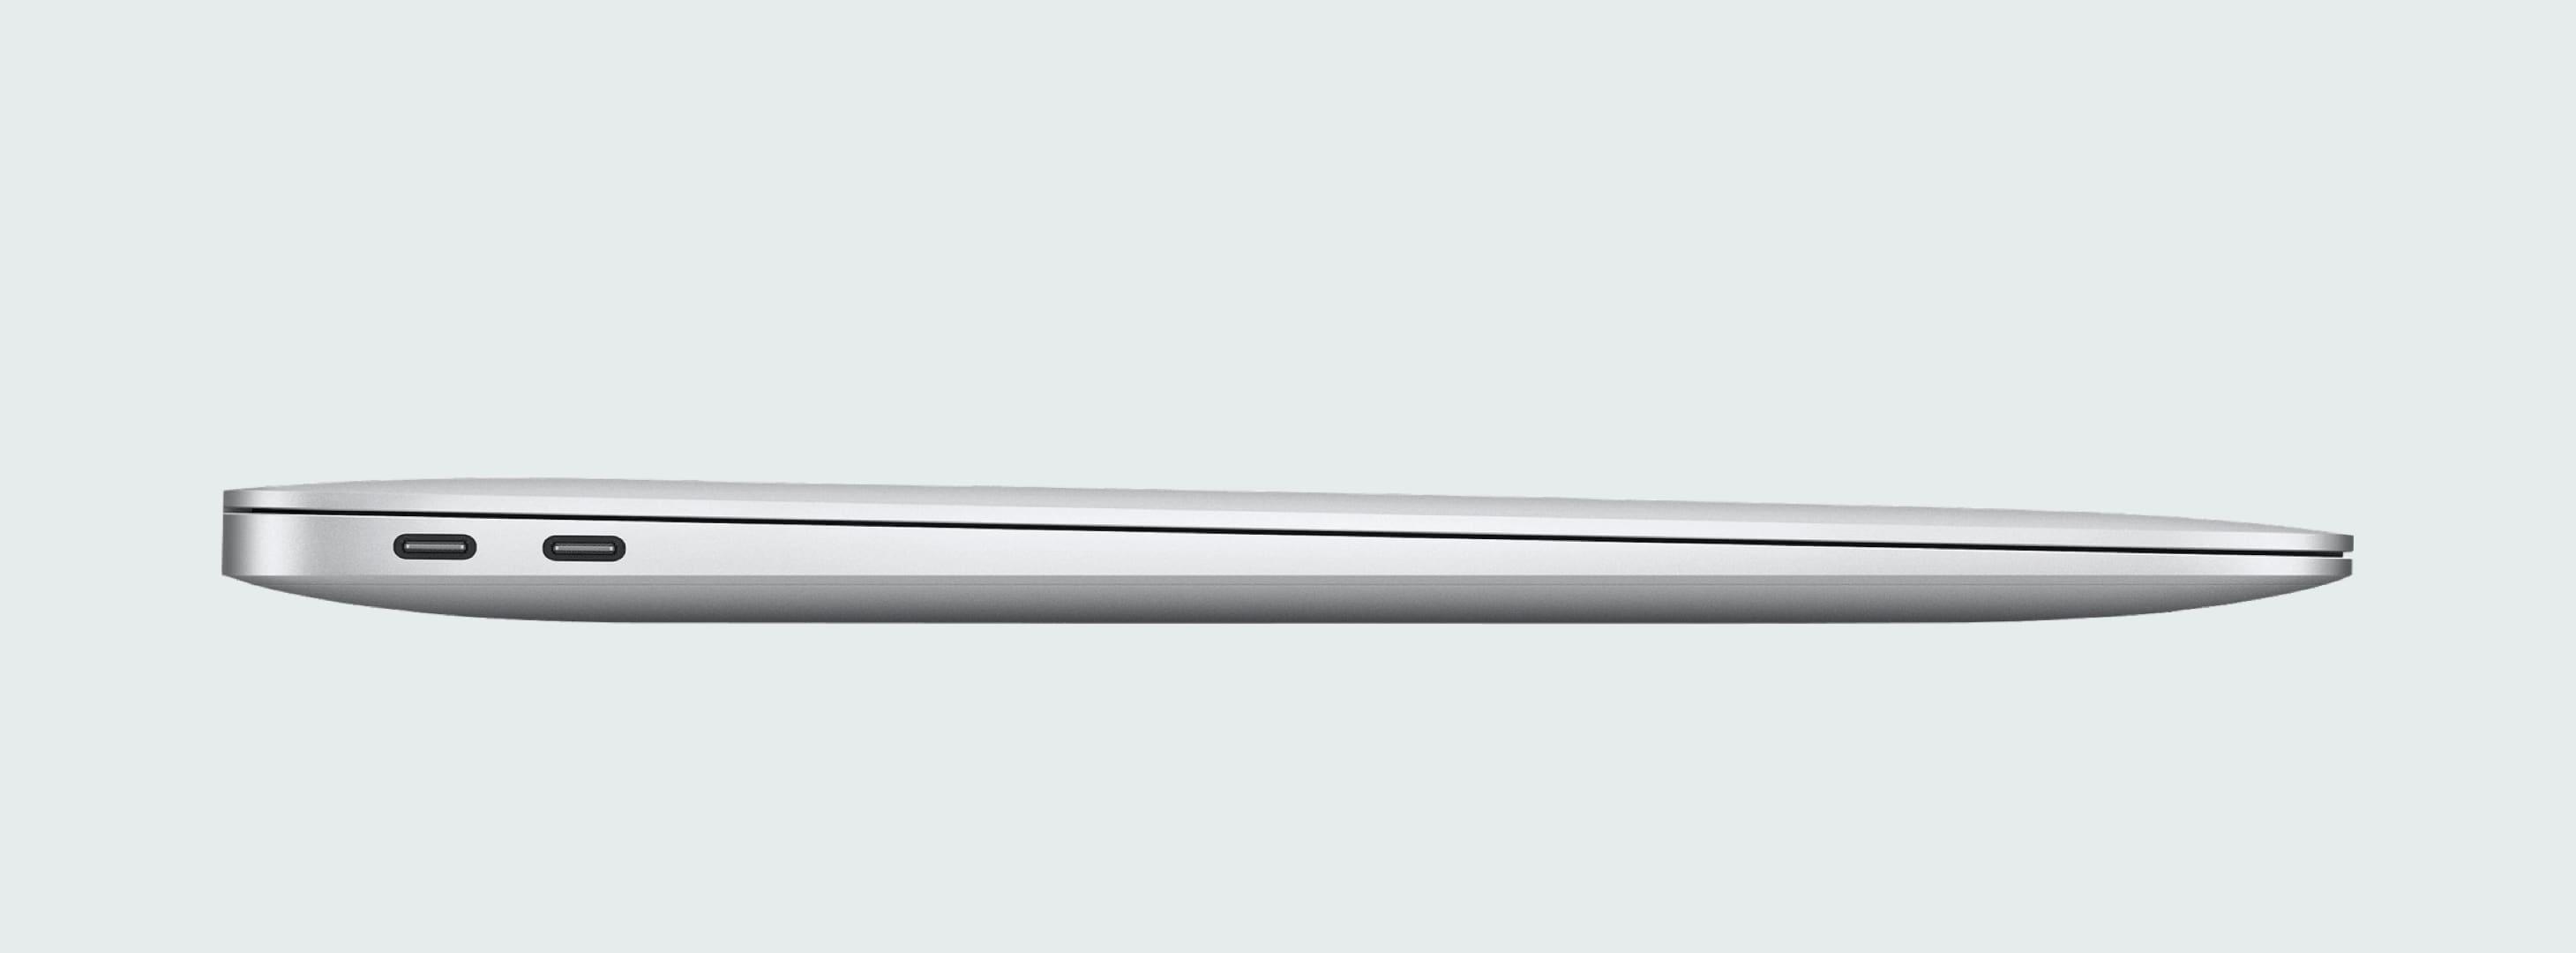 allapplenews-macbook-air-2020